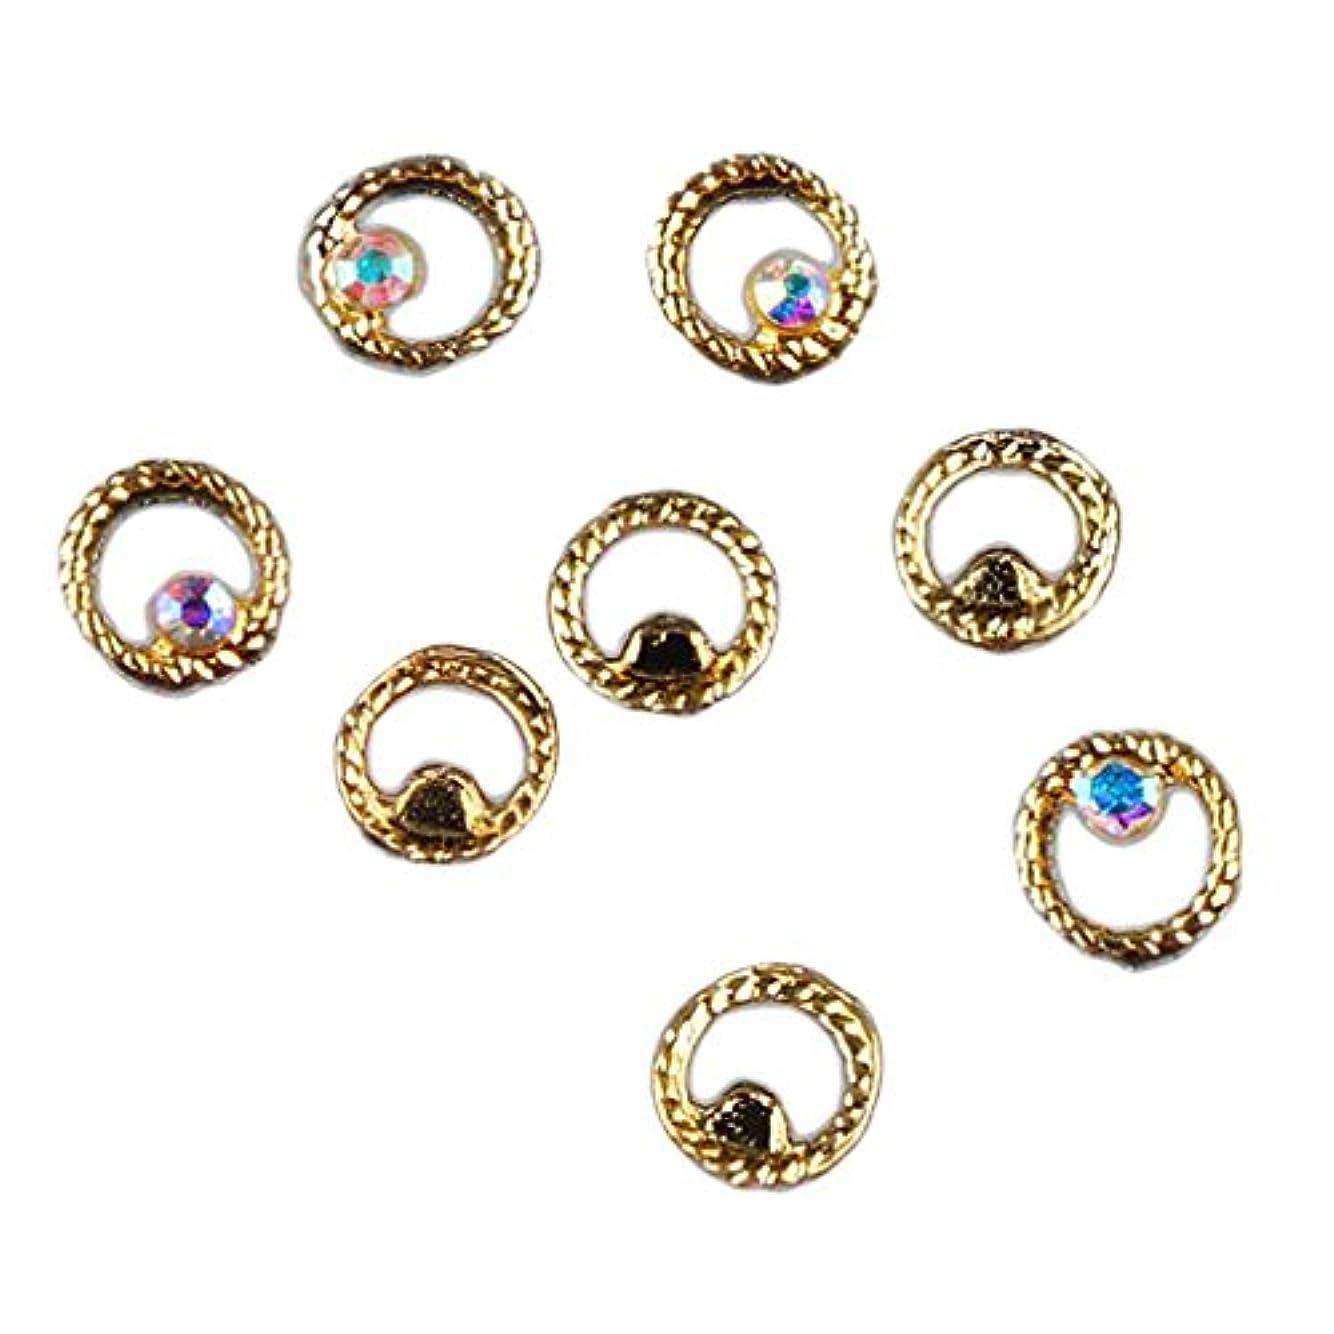 船員楽しませるバレエKesoto マニキュア ダイヤモンド 約50個 3Dネイルアート ヒントステッカー 装飾 全8タイプ選べ - 3